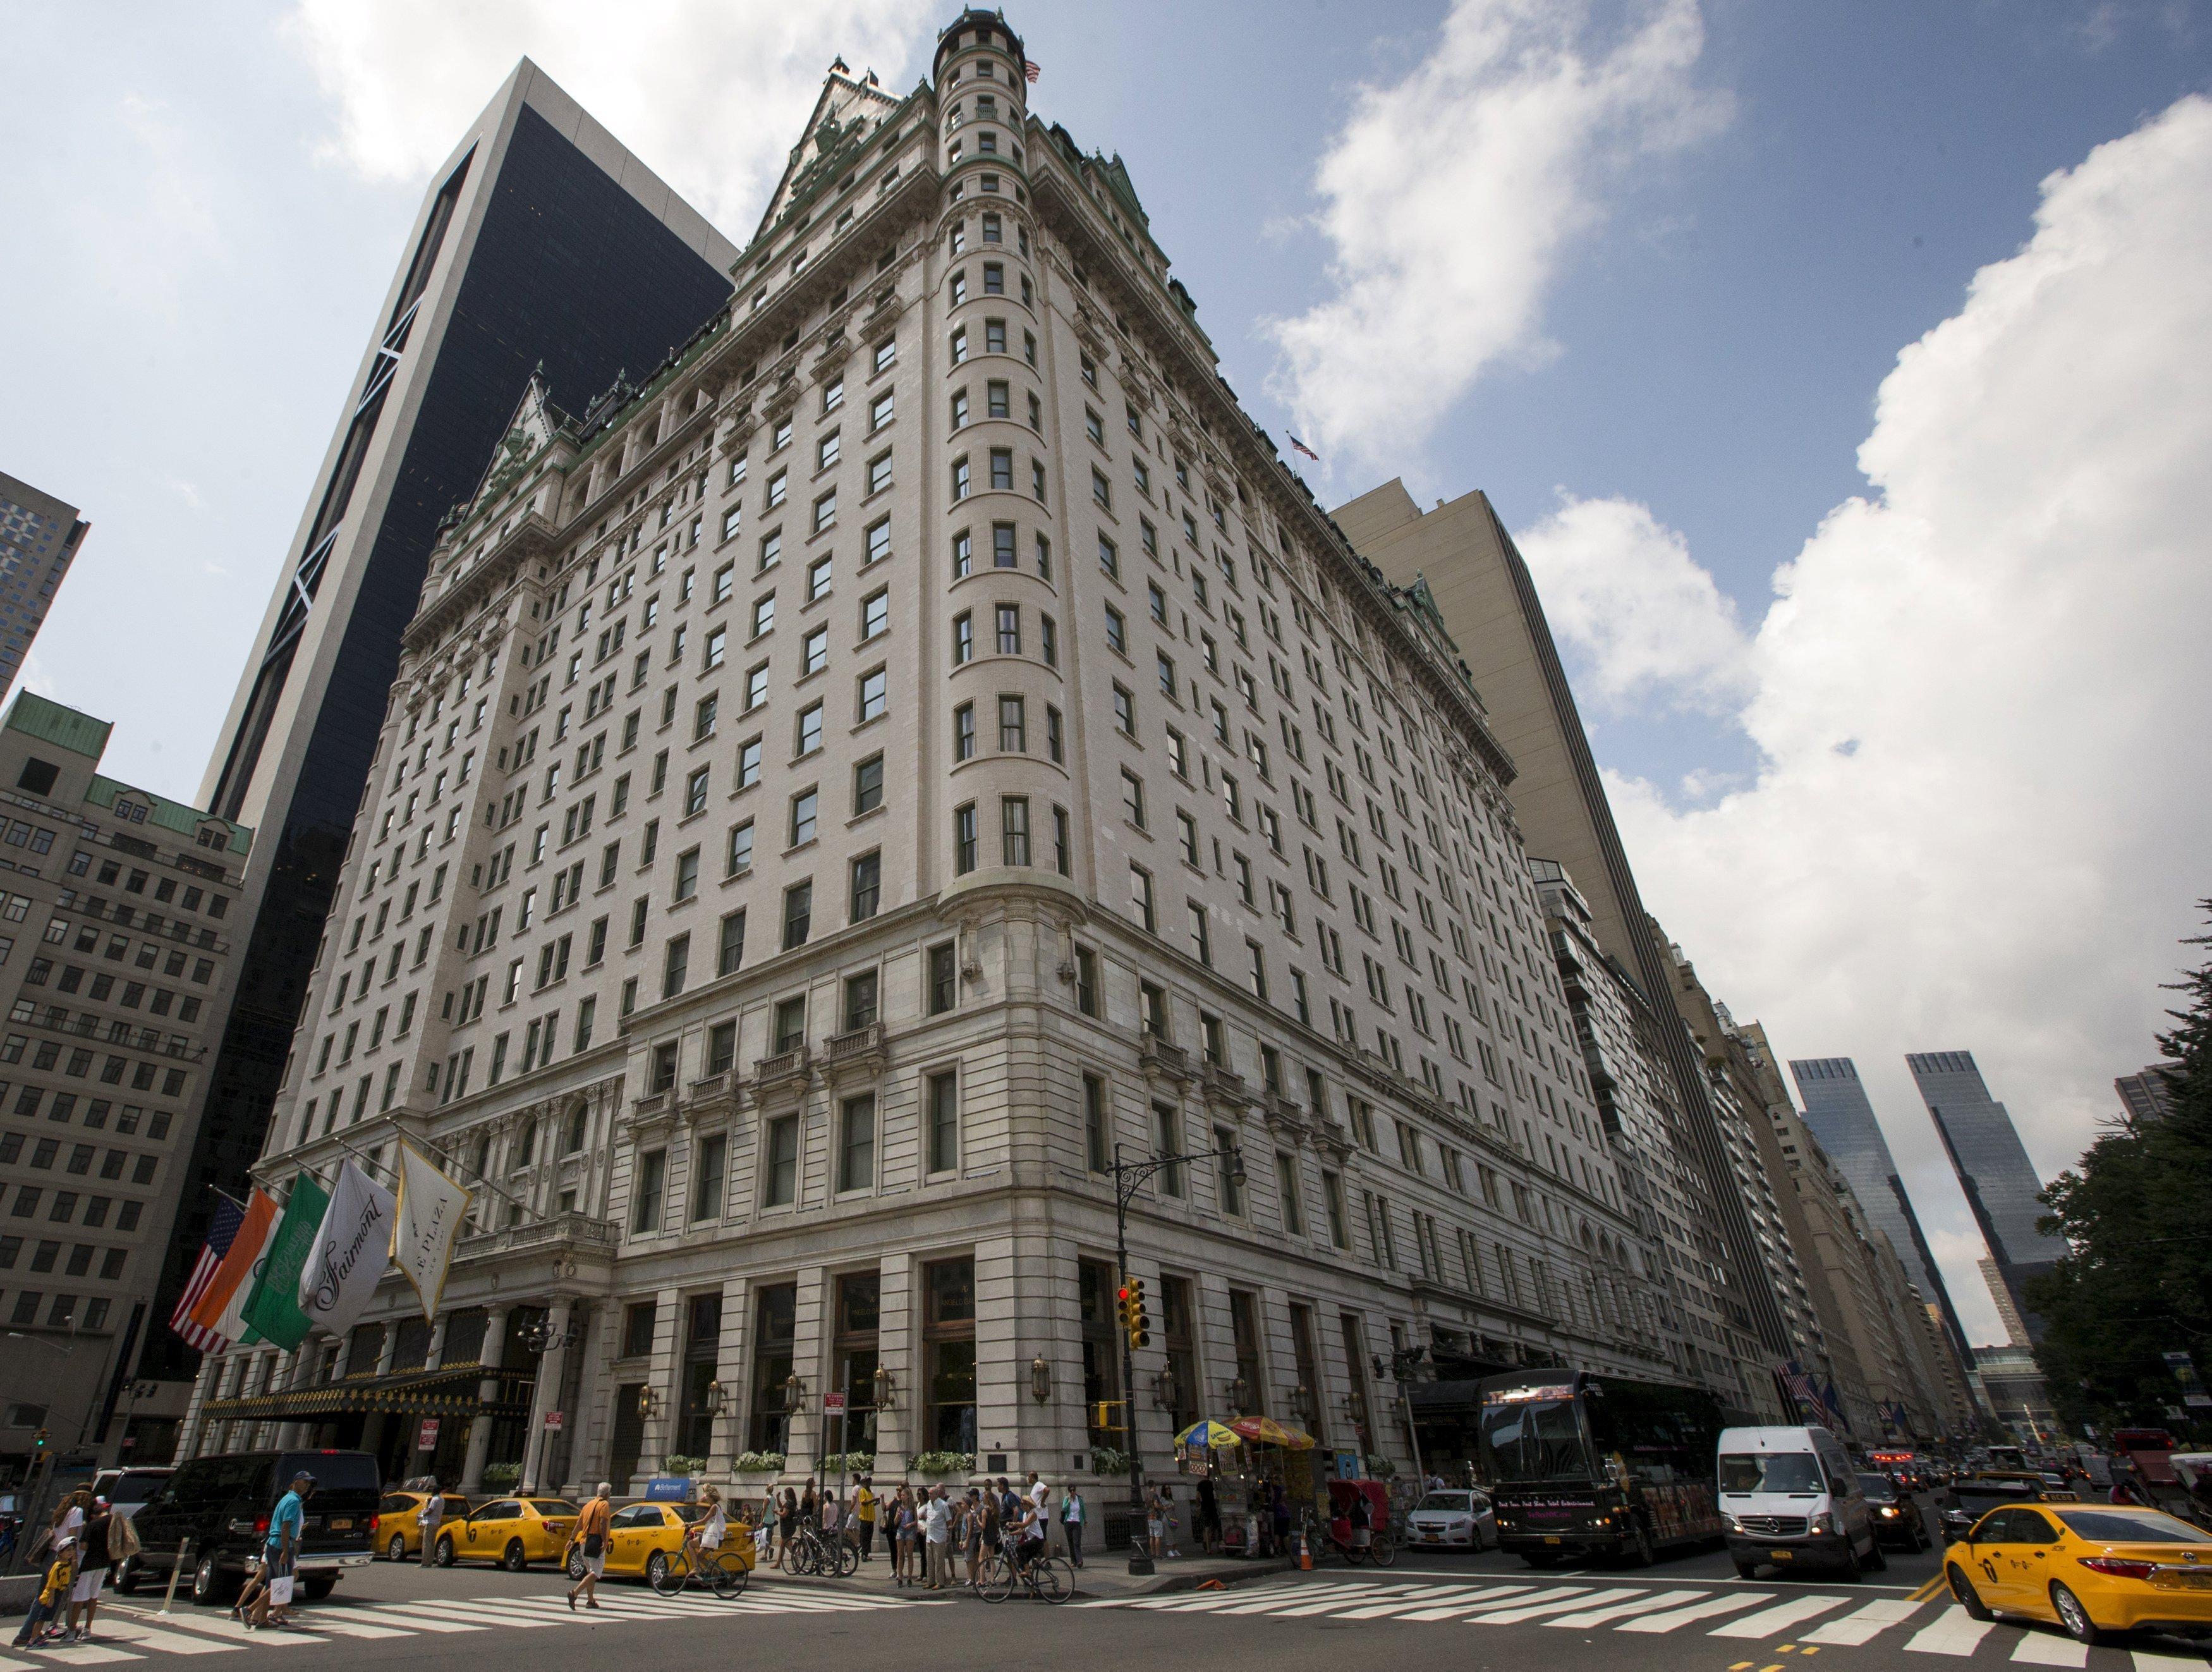 अमेरिका का प्रसिद्ध सहारा प्लाजा होटल का सौदा होगा जून में